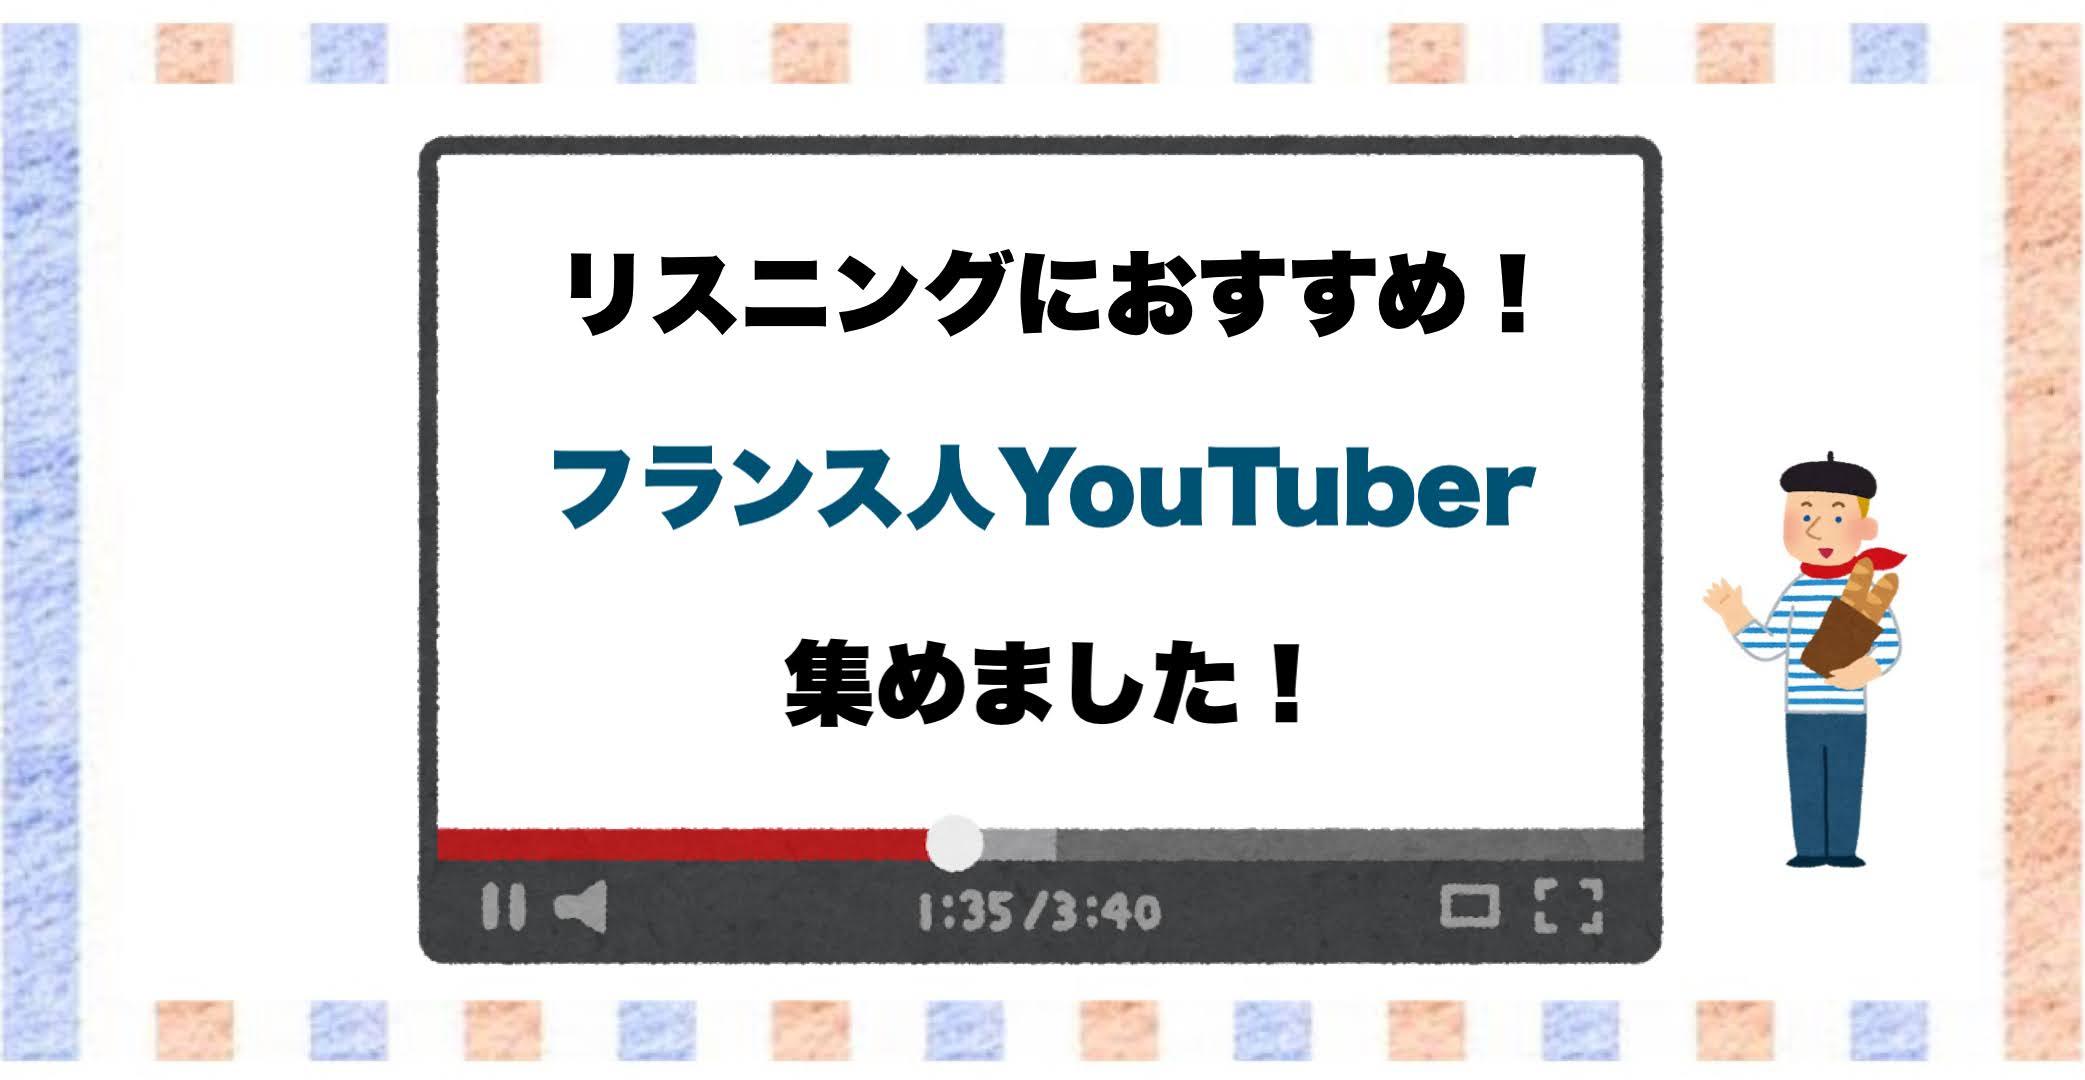 フランス人YouTube